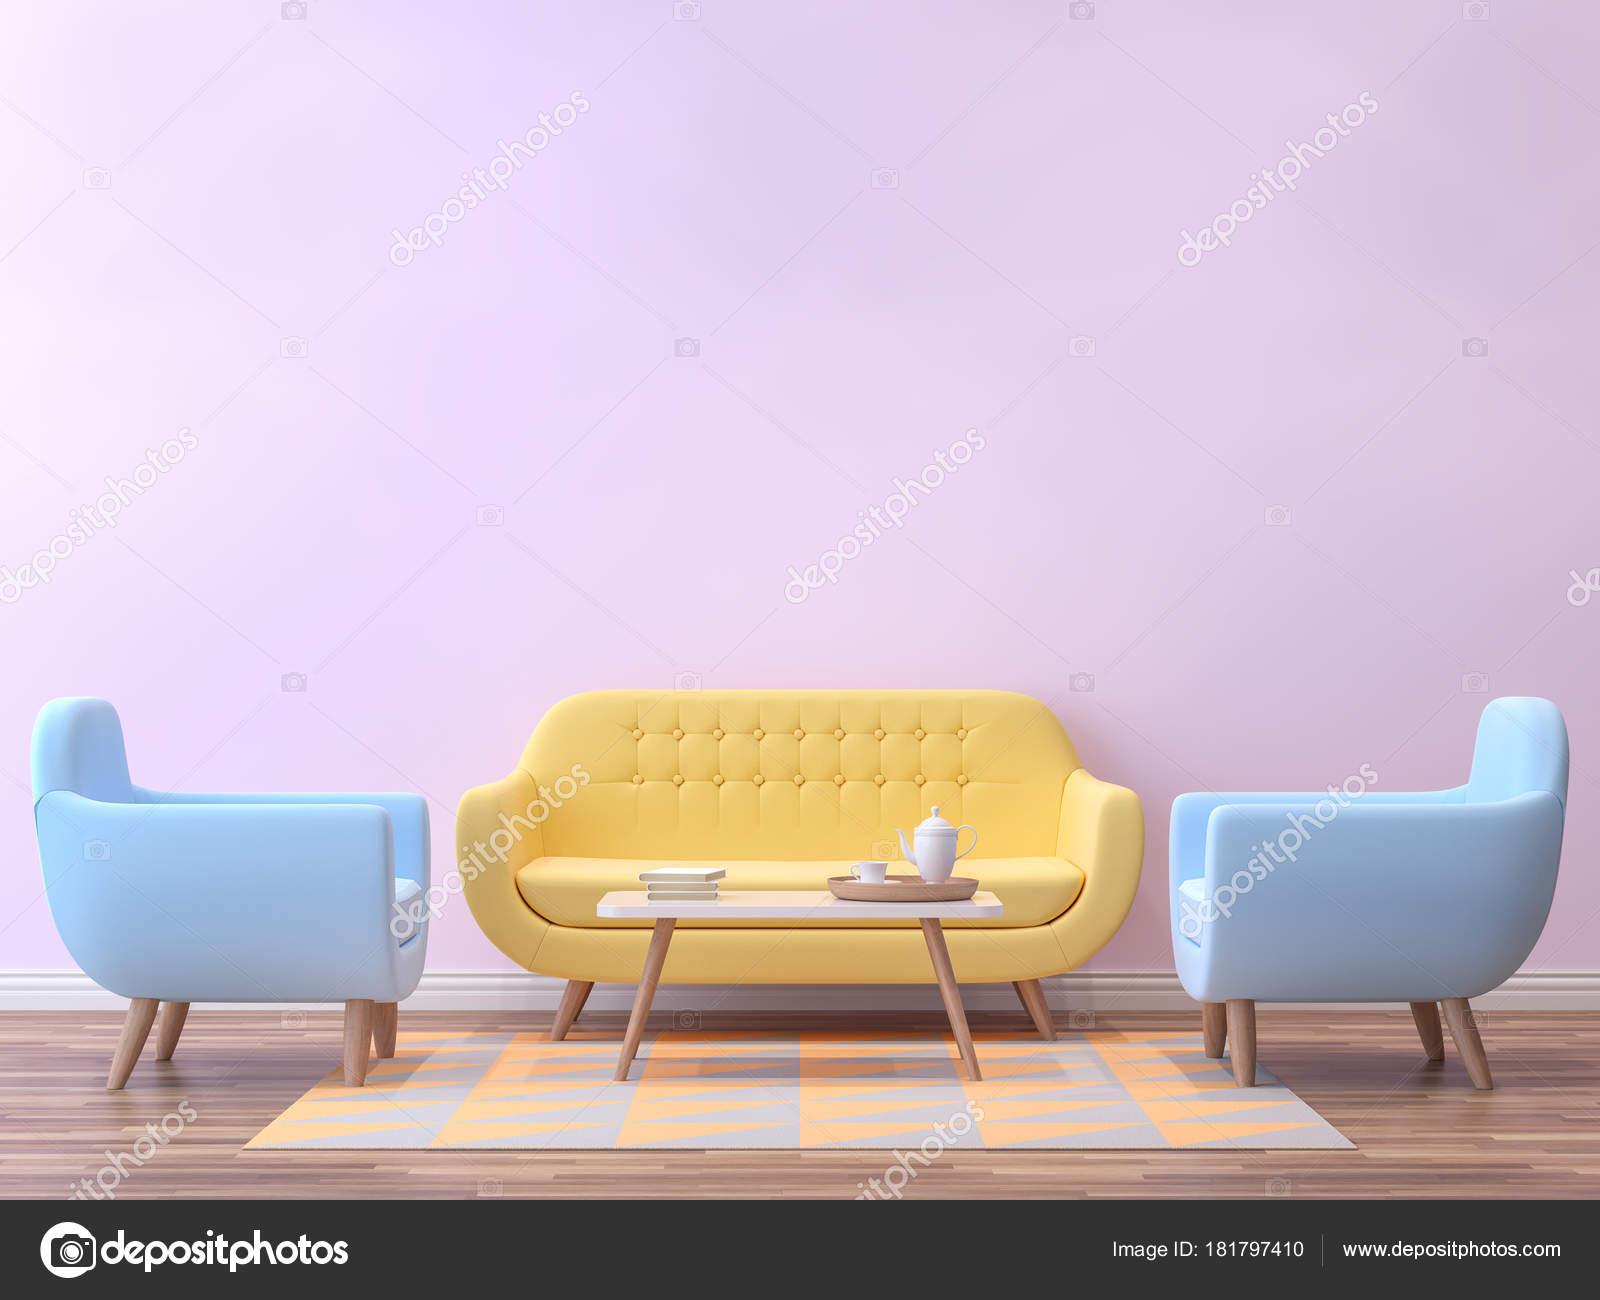 Kleurrijke Interieurs Pastel : Kleurrijke woonkamer met pastel kleur rendering beeld zijn